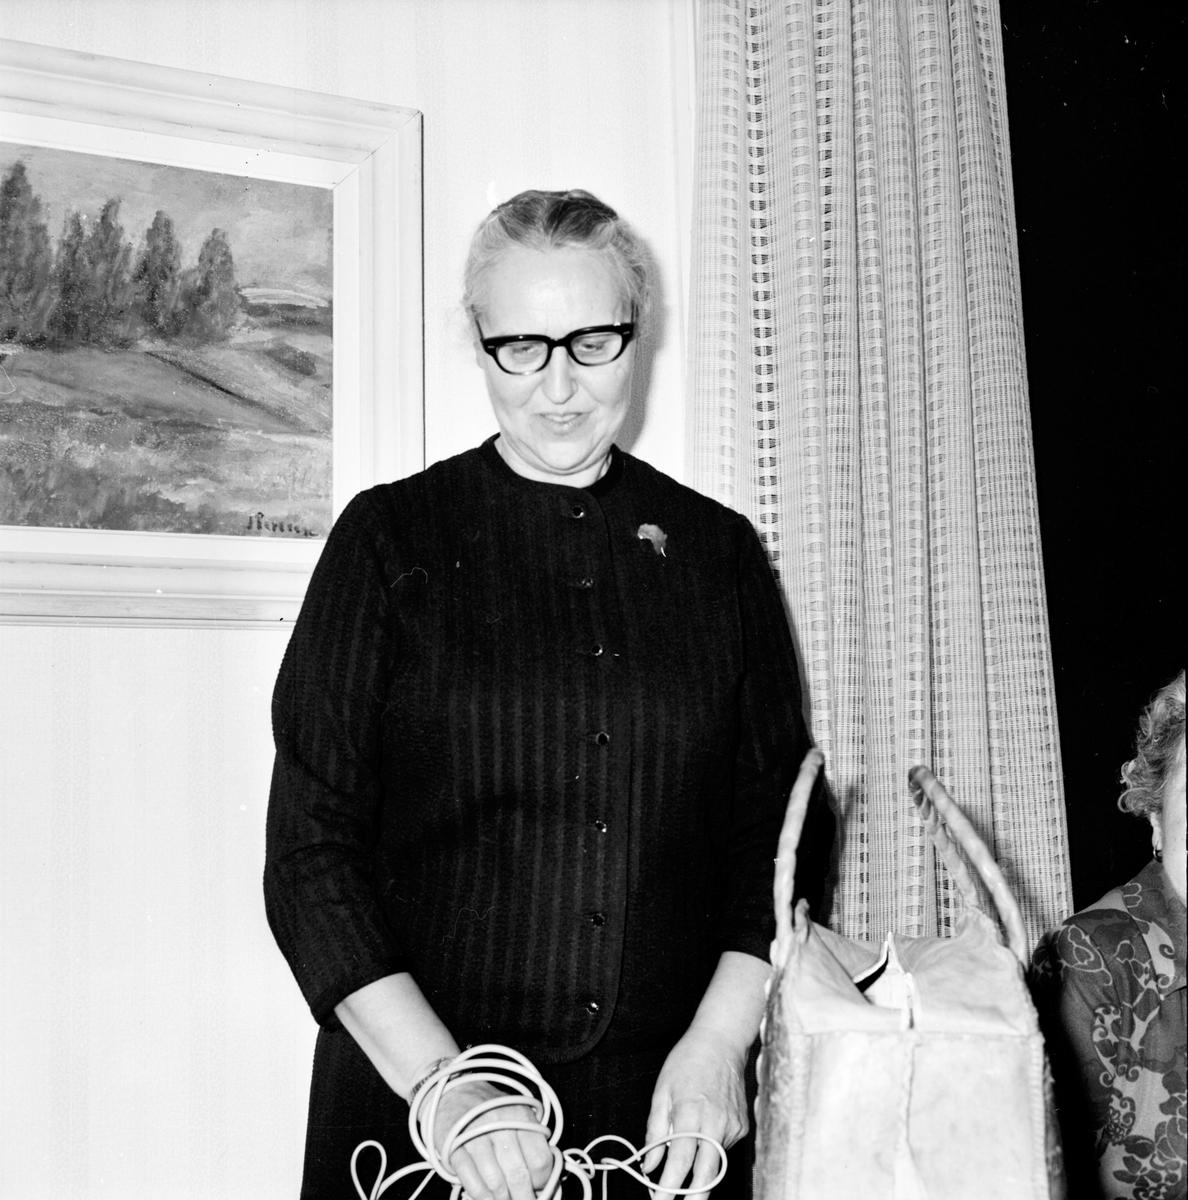 Arbrå, Rädda Barnens Årsm. Forsman avtackas, 1971